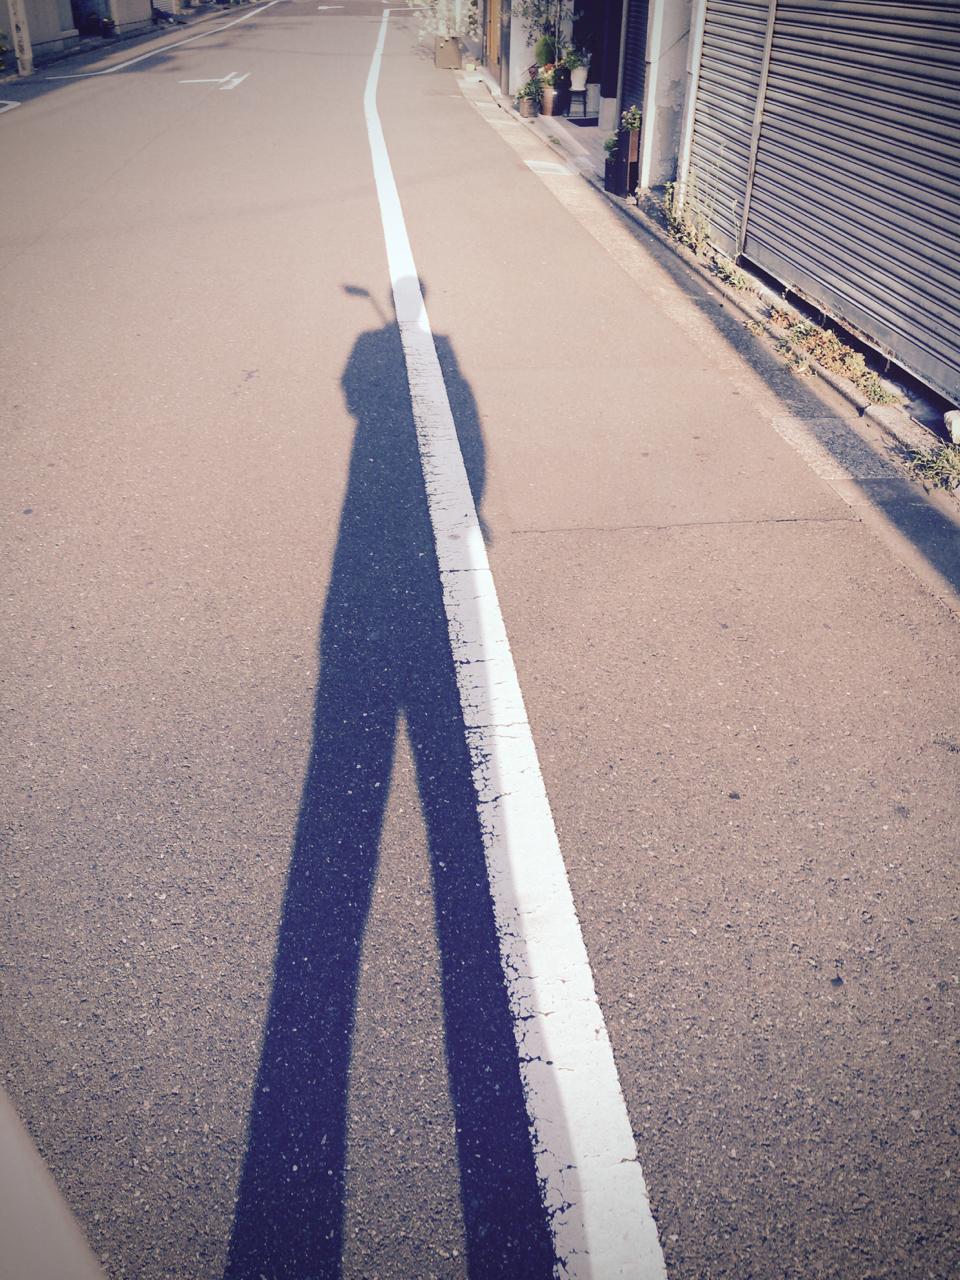 ストリートミニ四駆早朝練習08